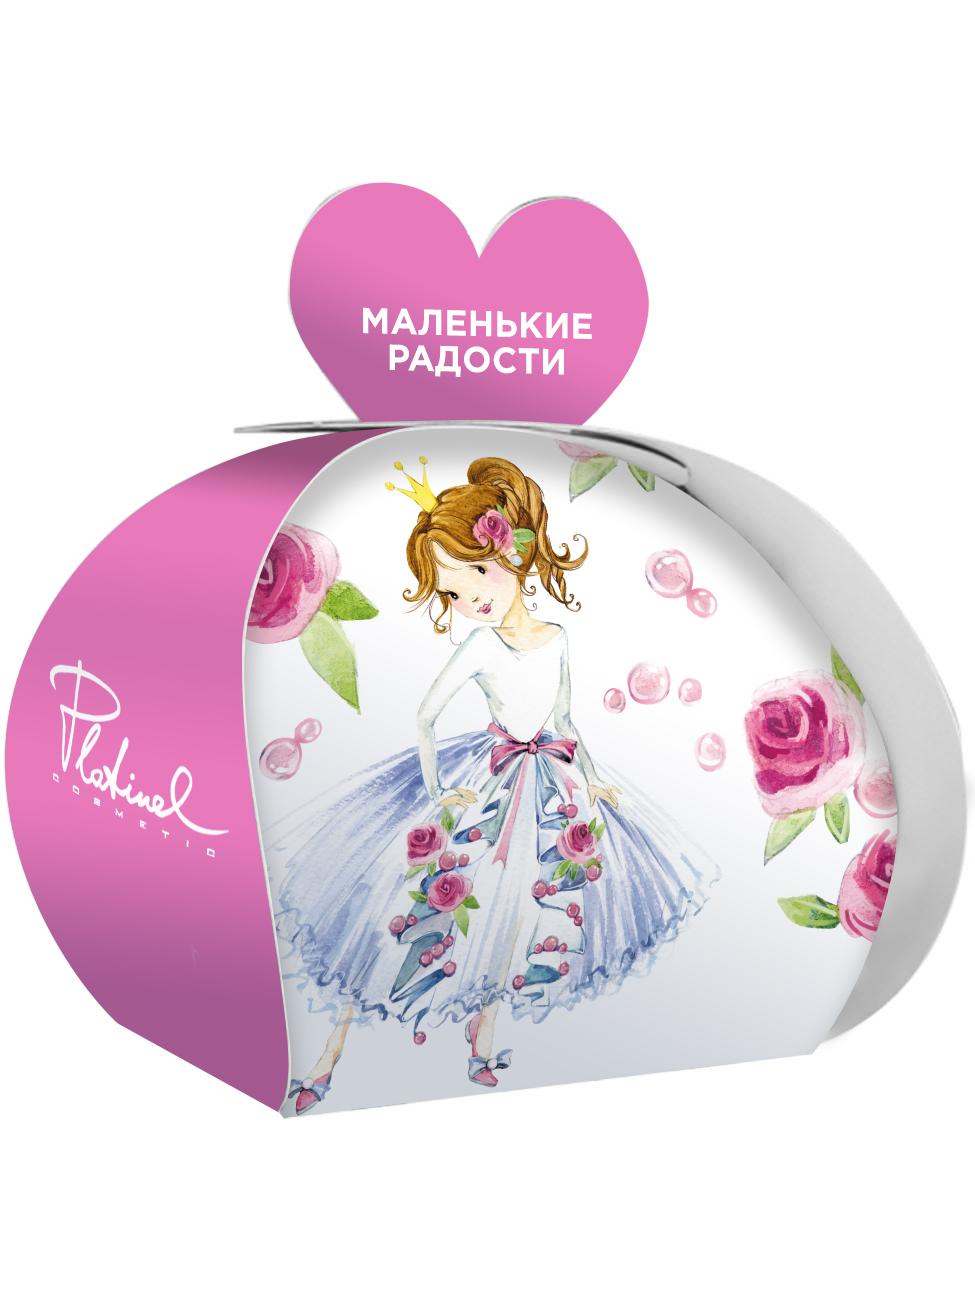 Соль для ванны шипучая ароматизированная Принцессочка, Маленькие Радости, роза, 1 шт, 40 г